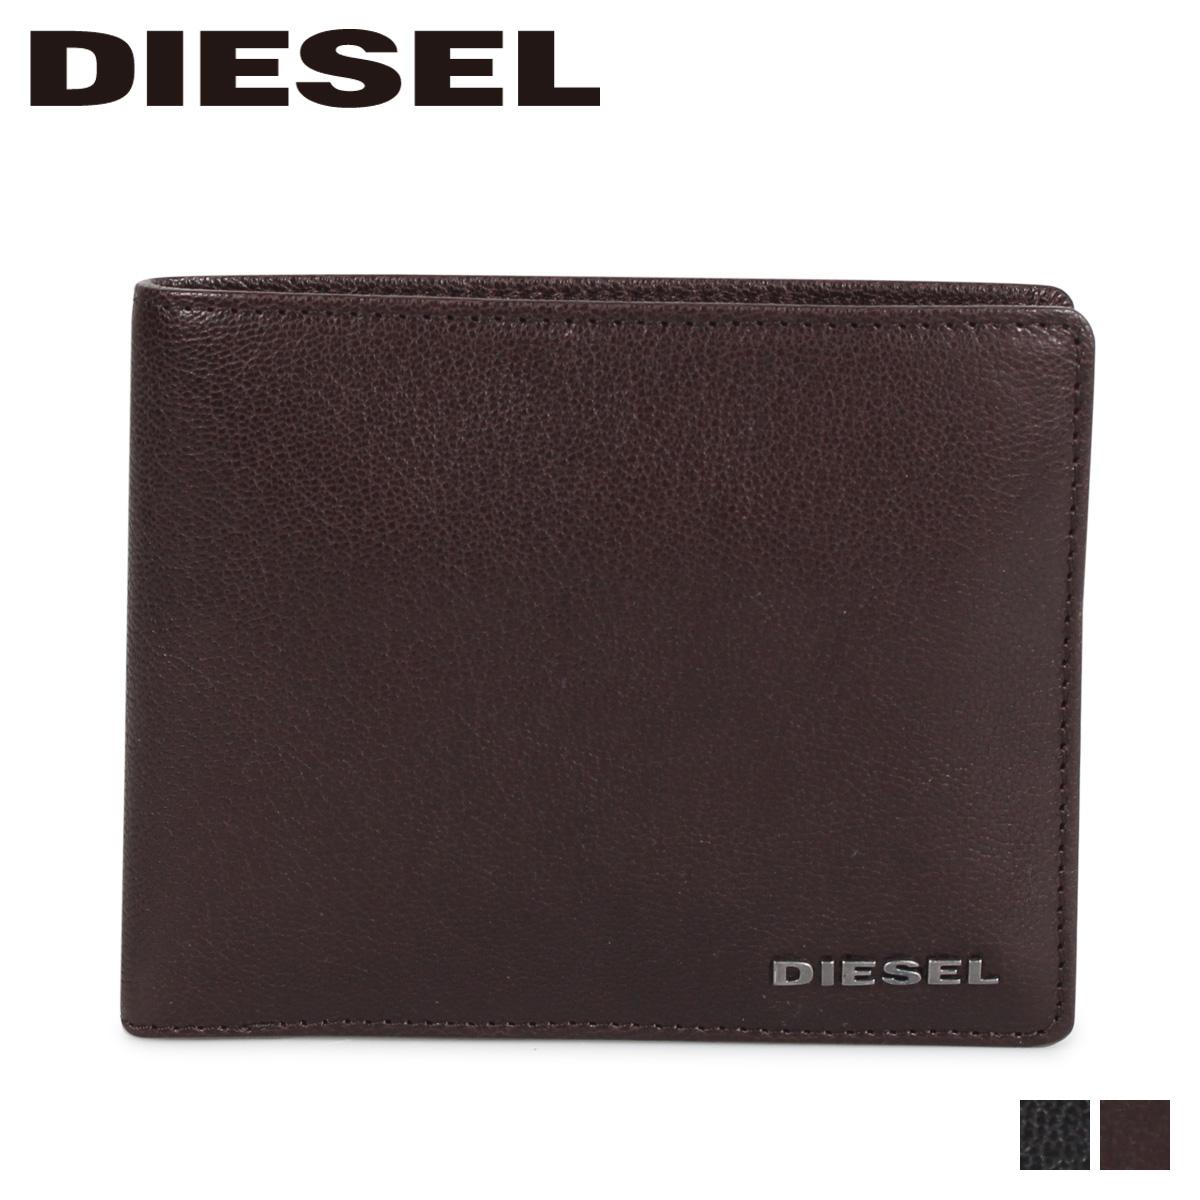 DIESEL ディーゼル 財布 二つ折り メンズ JEM-J HIRESH ブラック ブラウン 黒 X03926-PR271